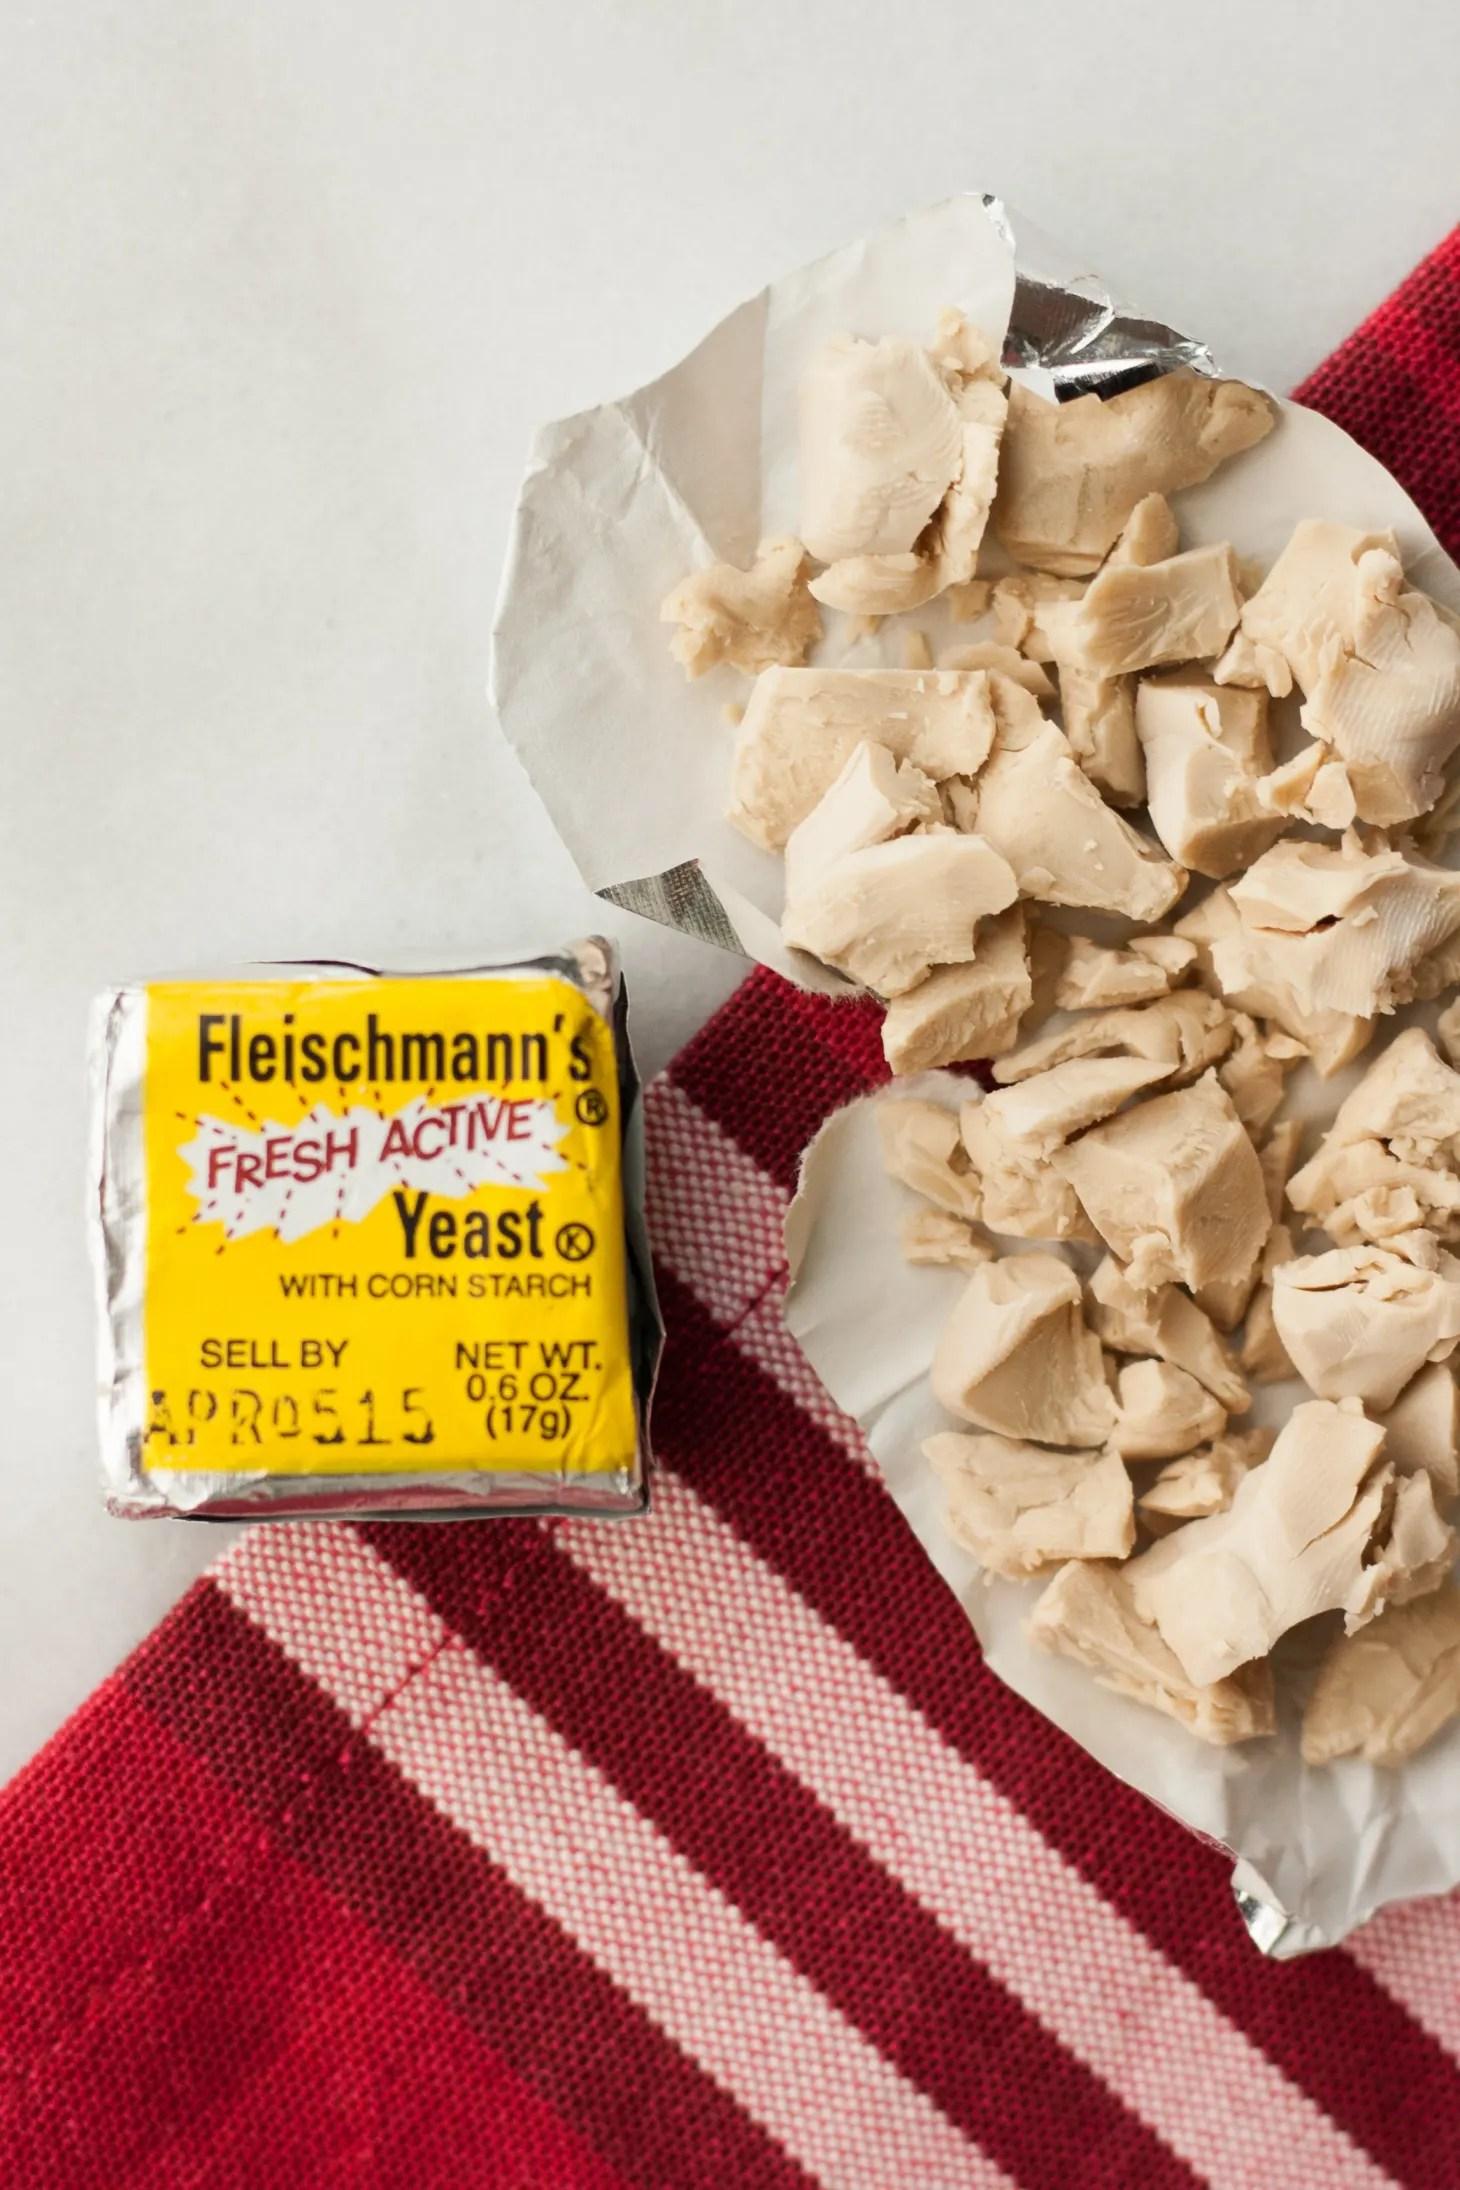 What Fresh Yeast Made